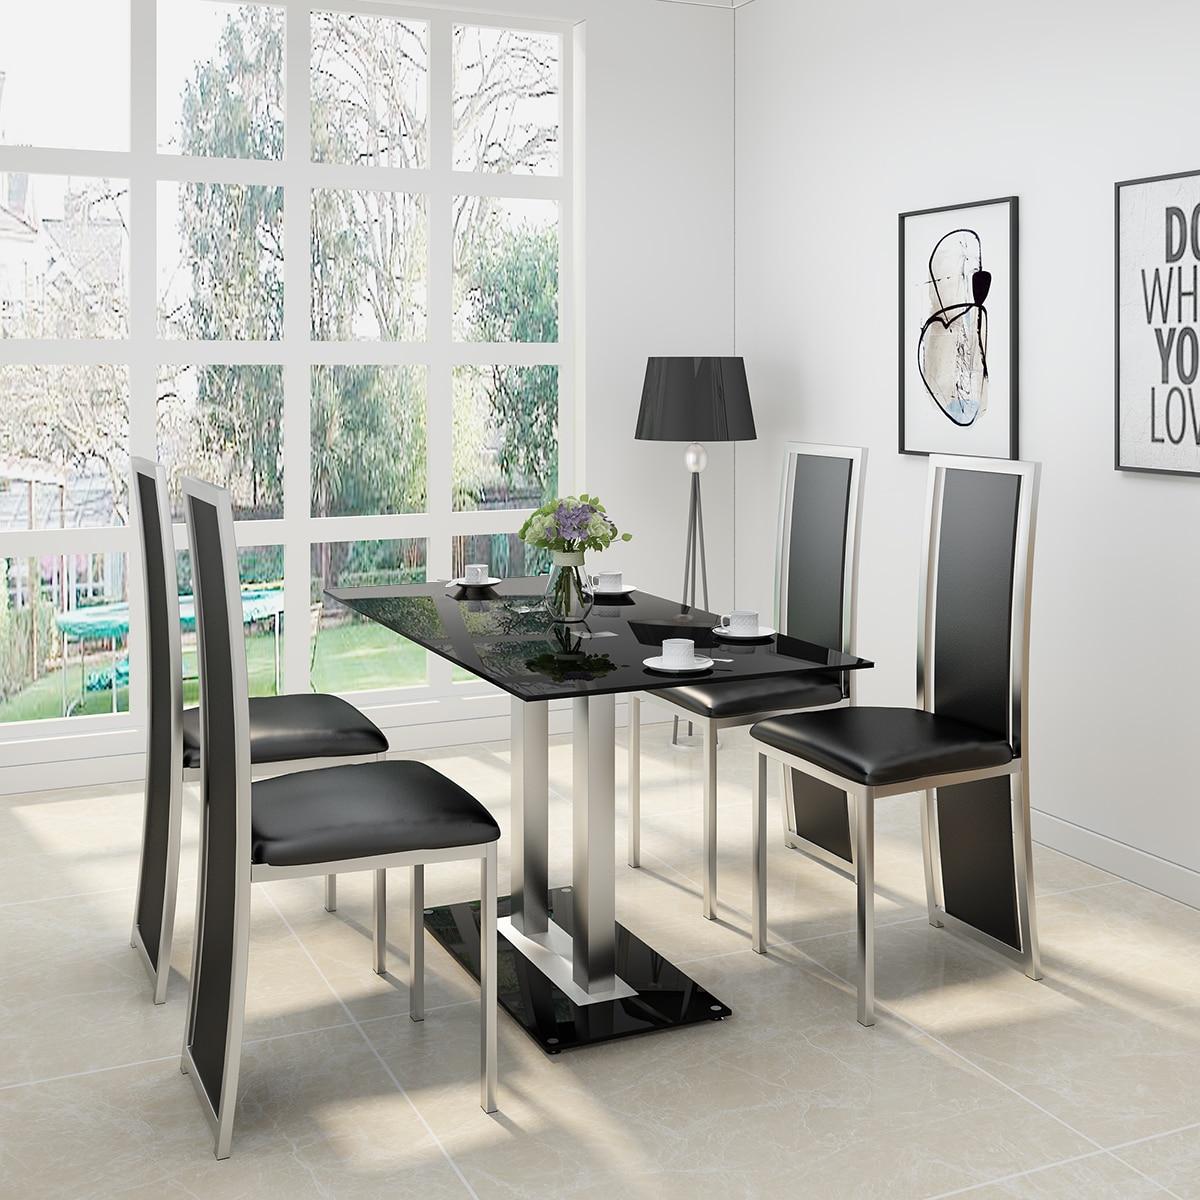 PANANA GLAS ESSTISCH SET MIT 4/ 6 FAUX LEDER STÜHLE SCHWARZ/WEIß Home Küche Möbel Schnelle versand